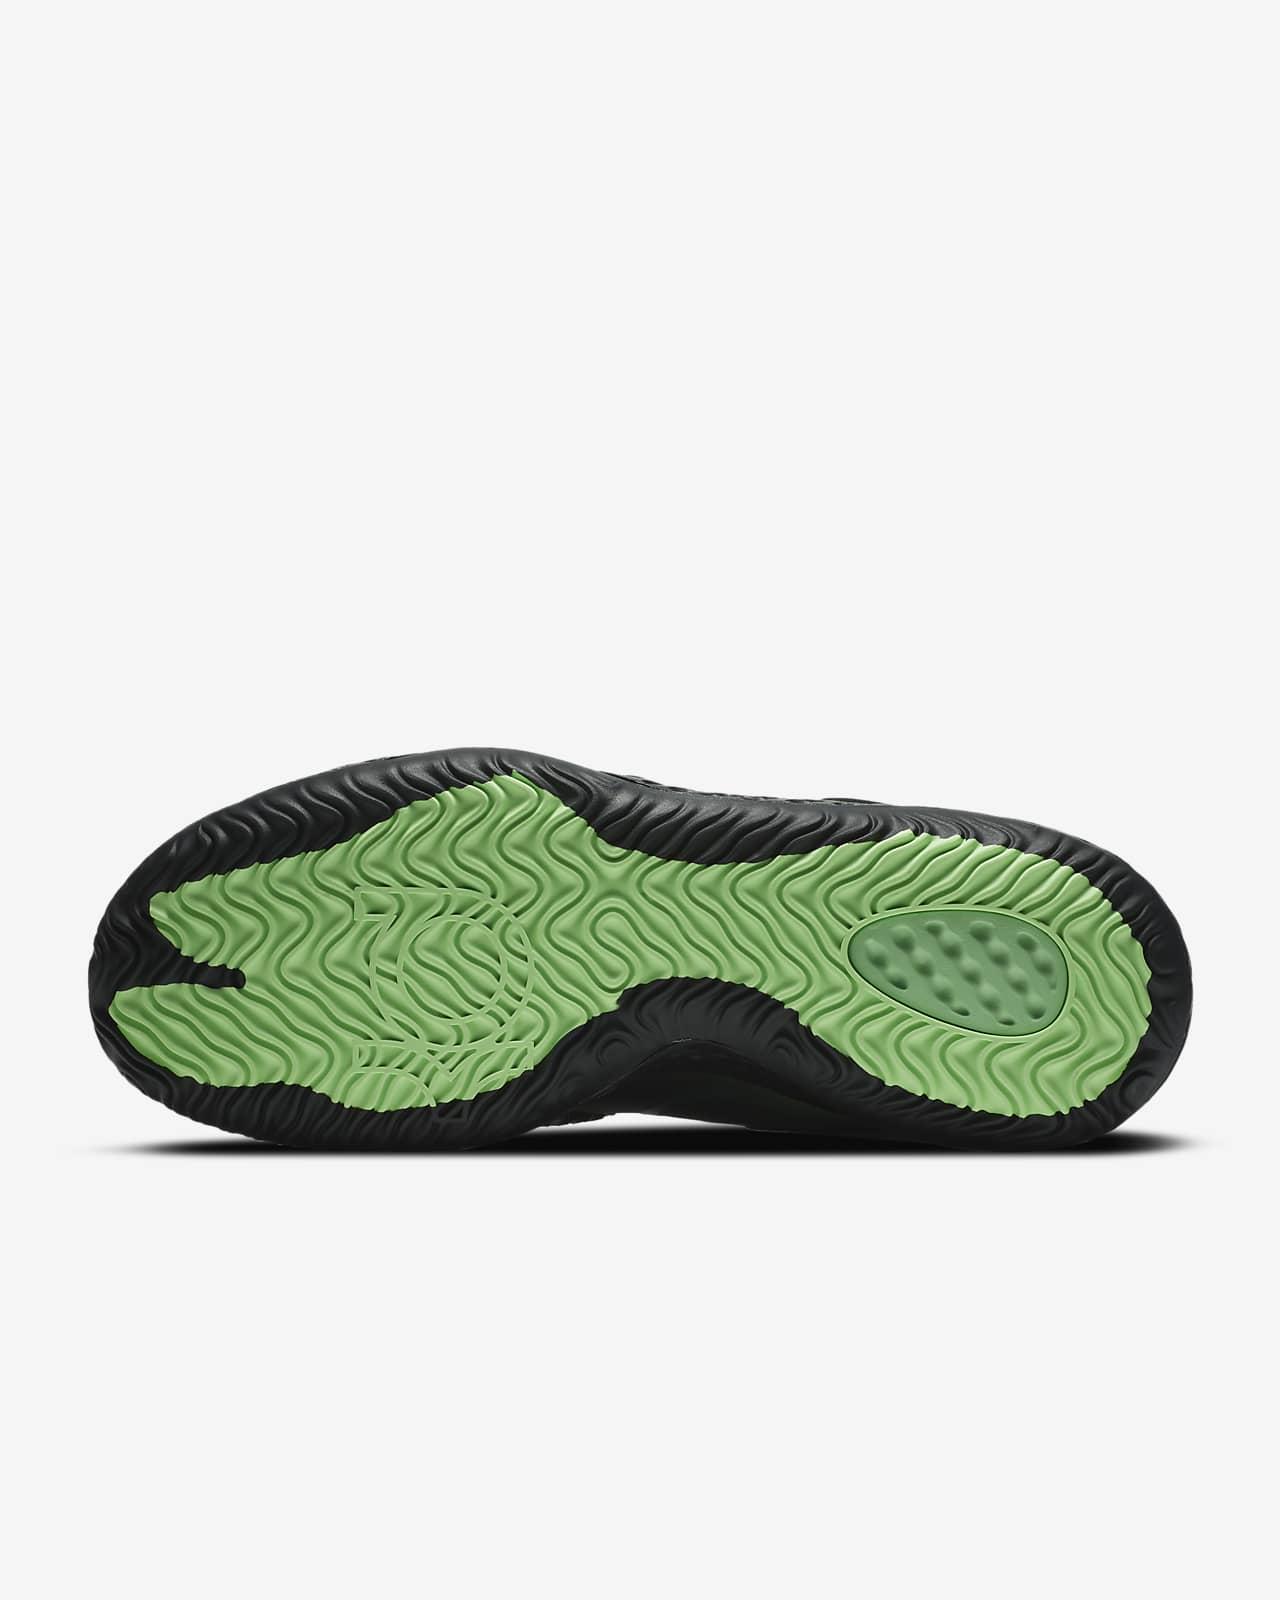 KD Trey 5 VIII Basketball Shoe. Nike.com